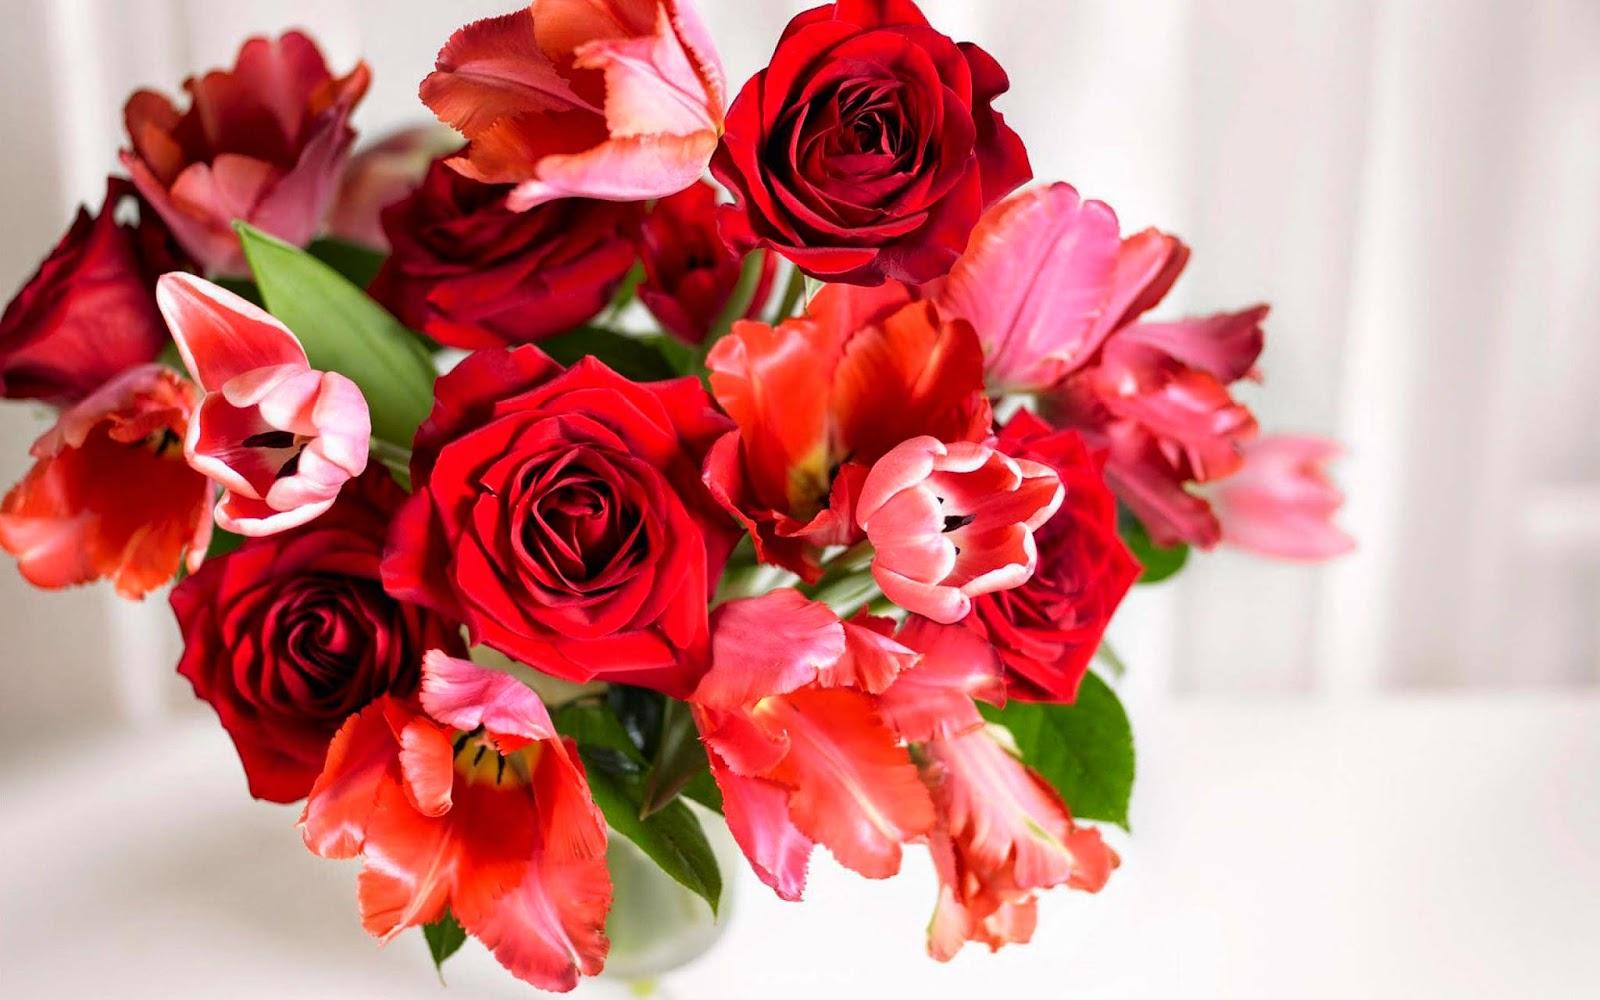 superb-flowers-wallpaper